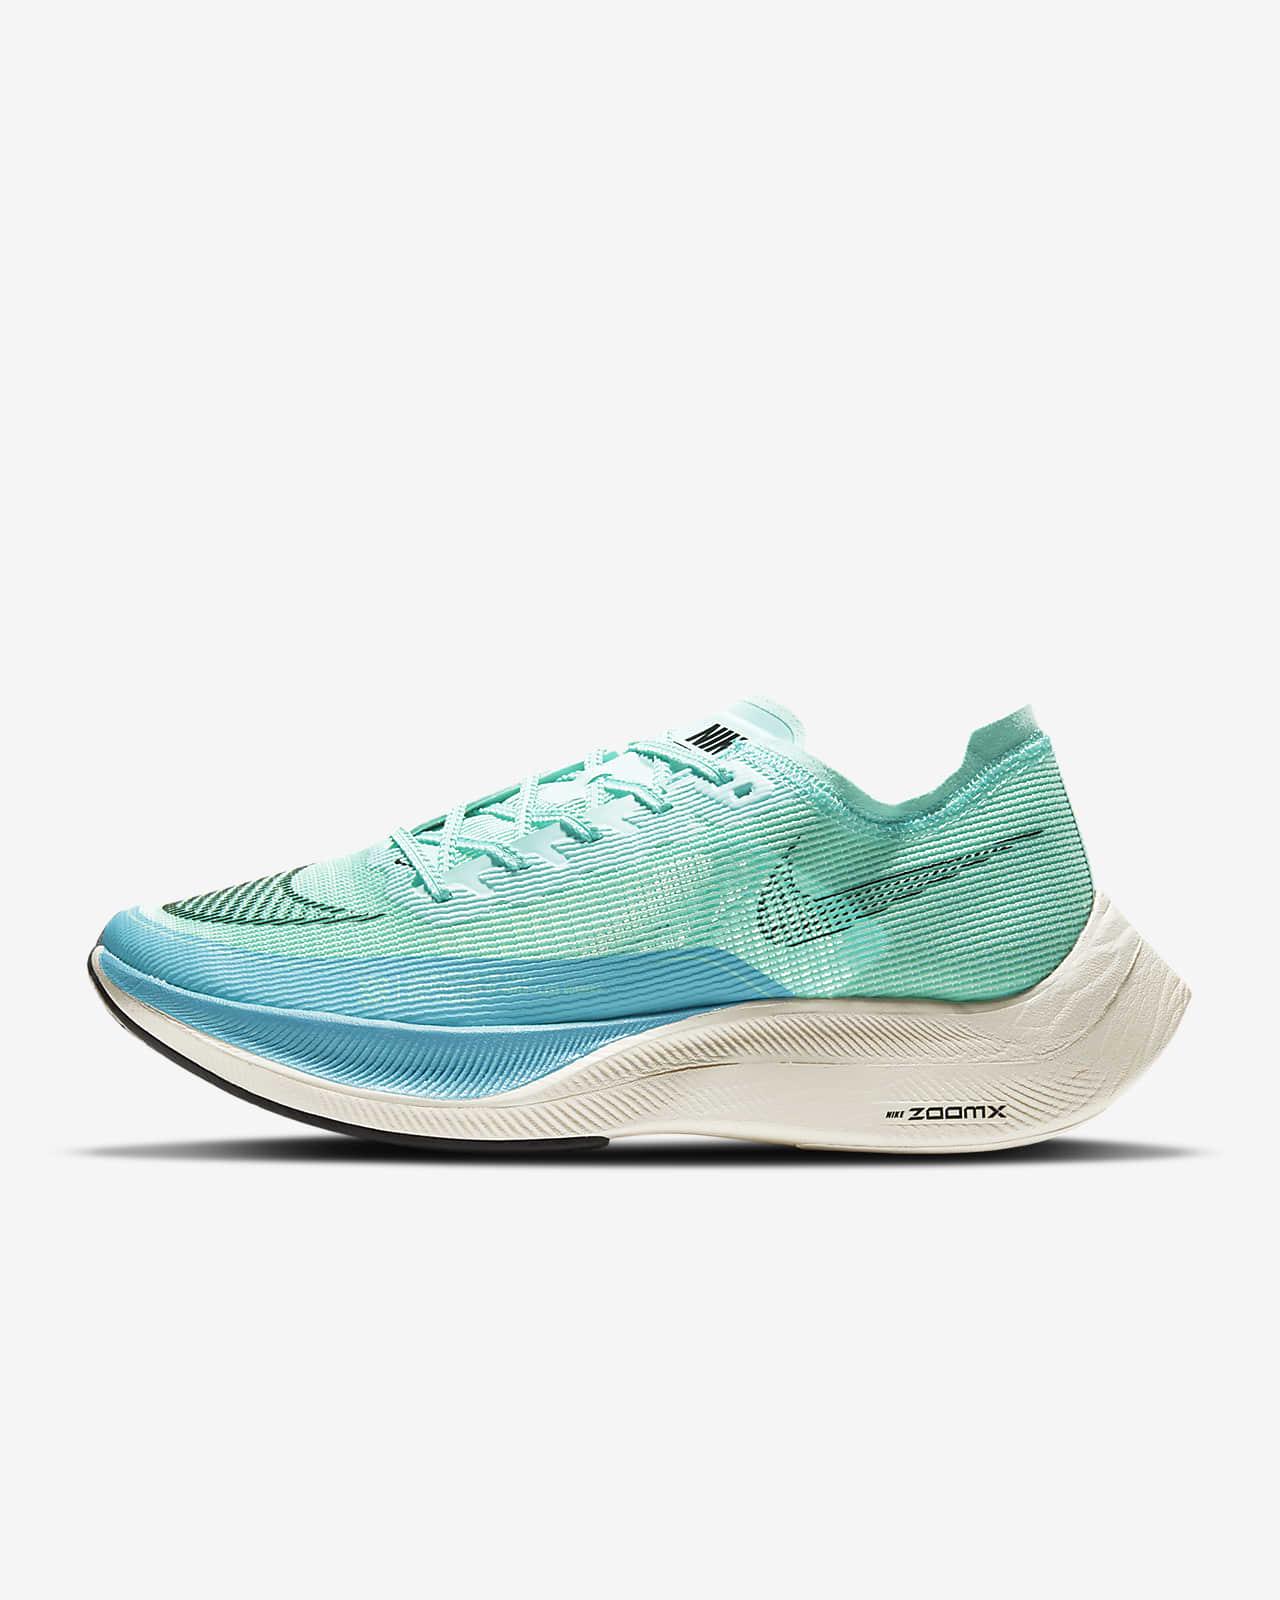 Nike ZoomX Vaporfly Next% 2 Wedstrijdschoenen voor heren (straat)